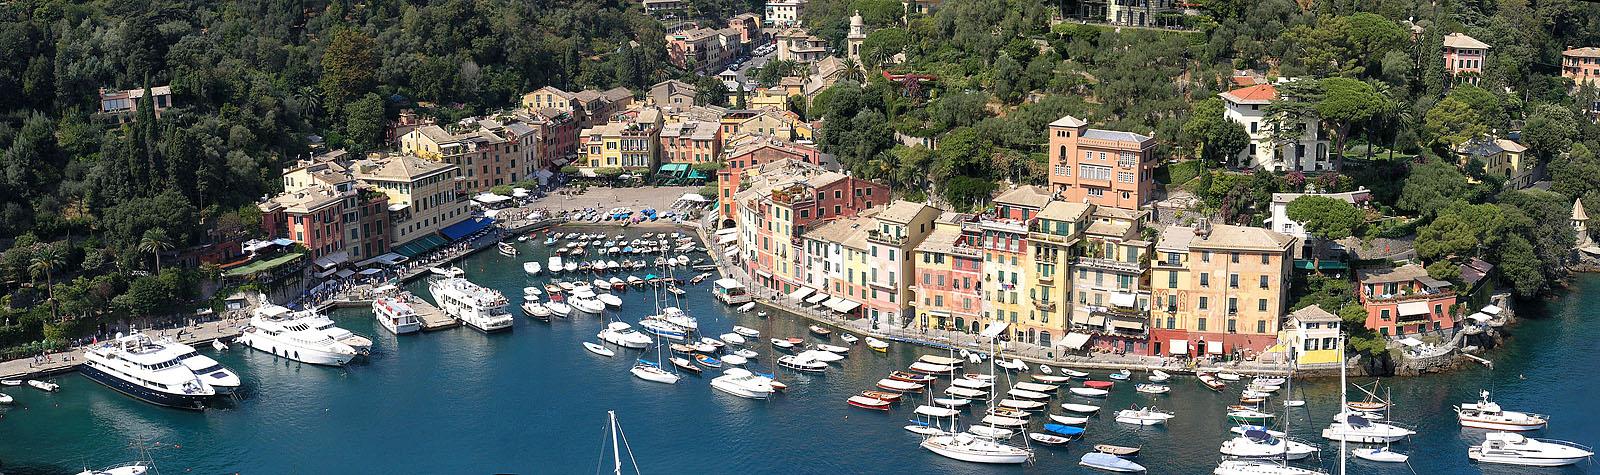 Portofino_panorama_1.jpg